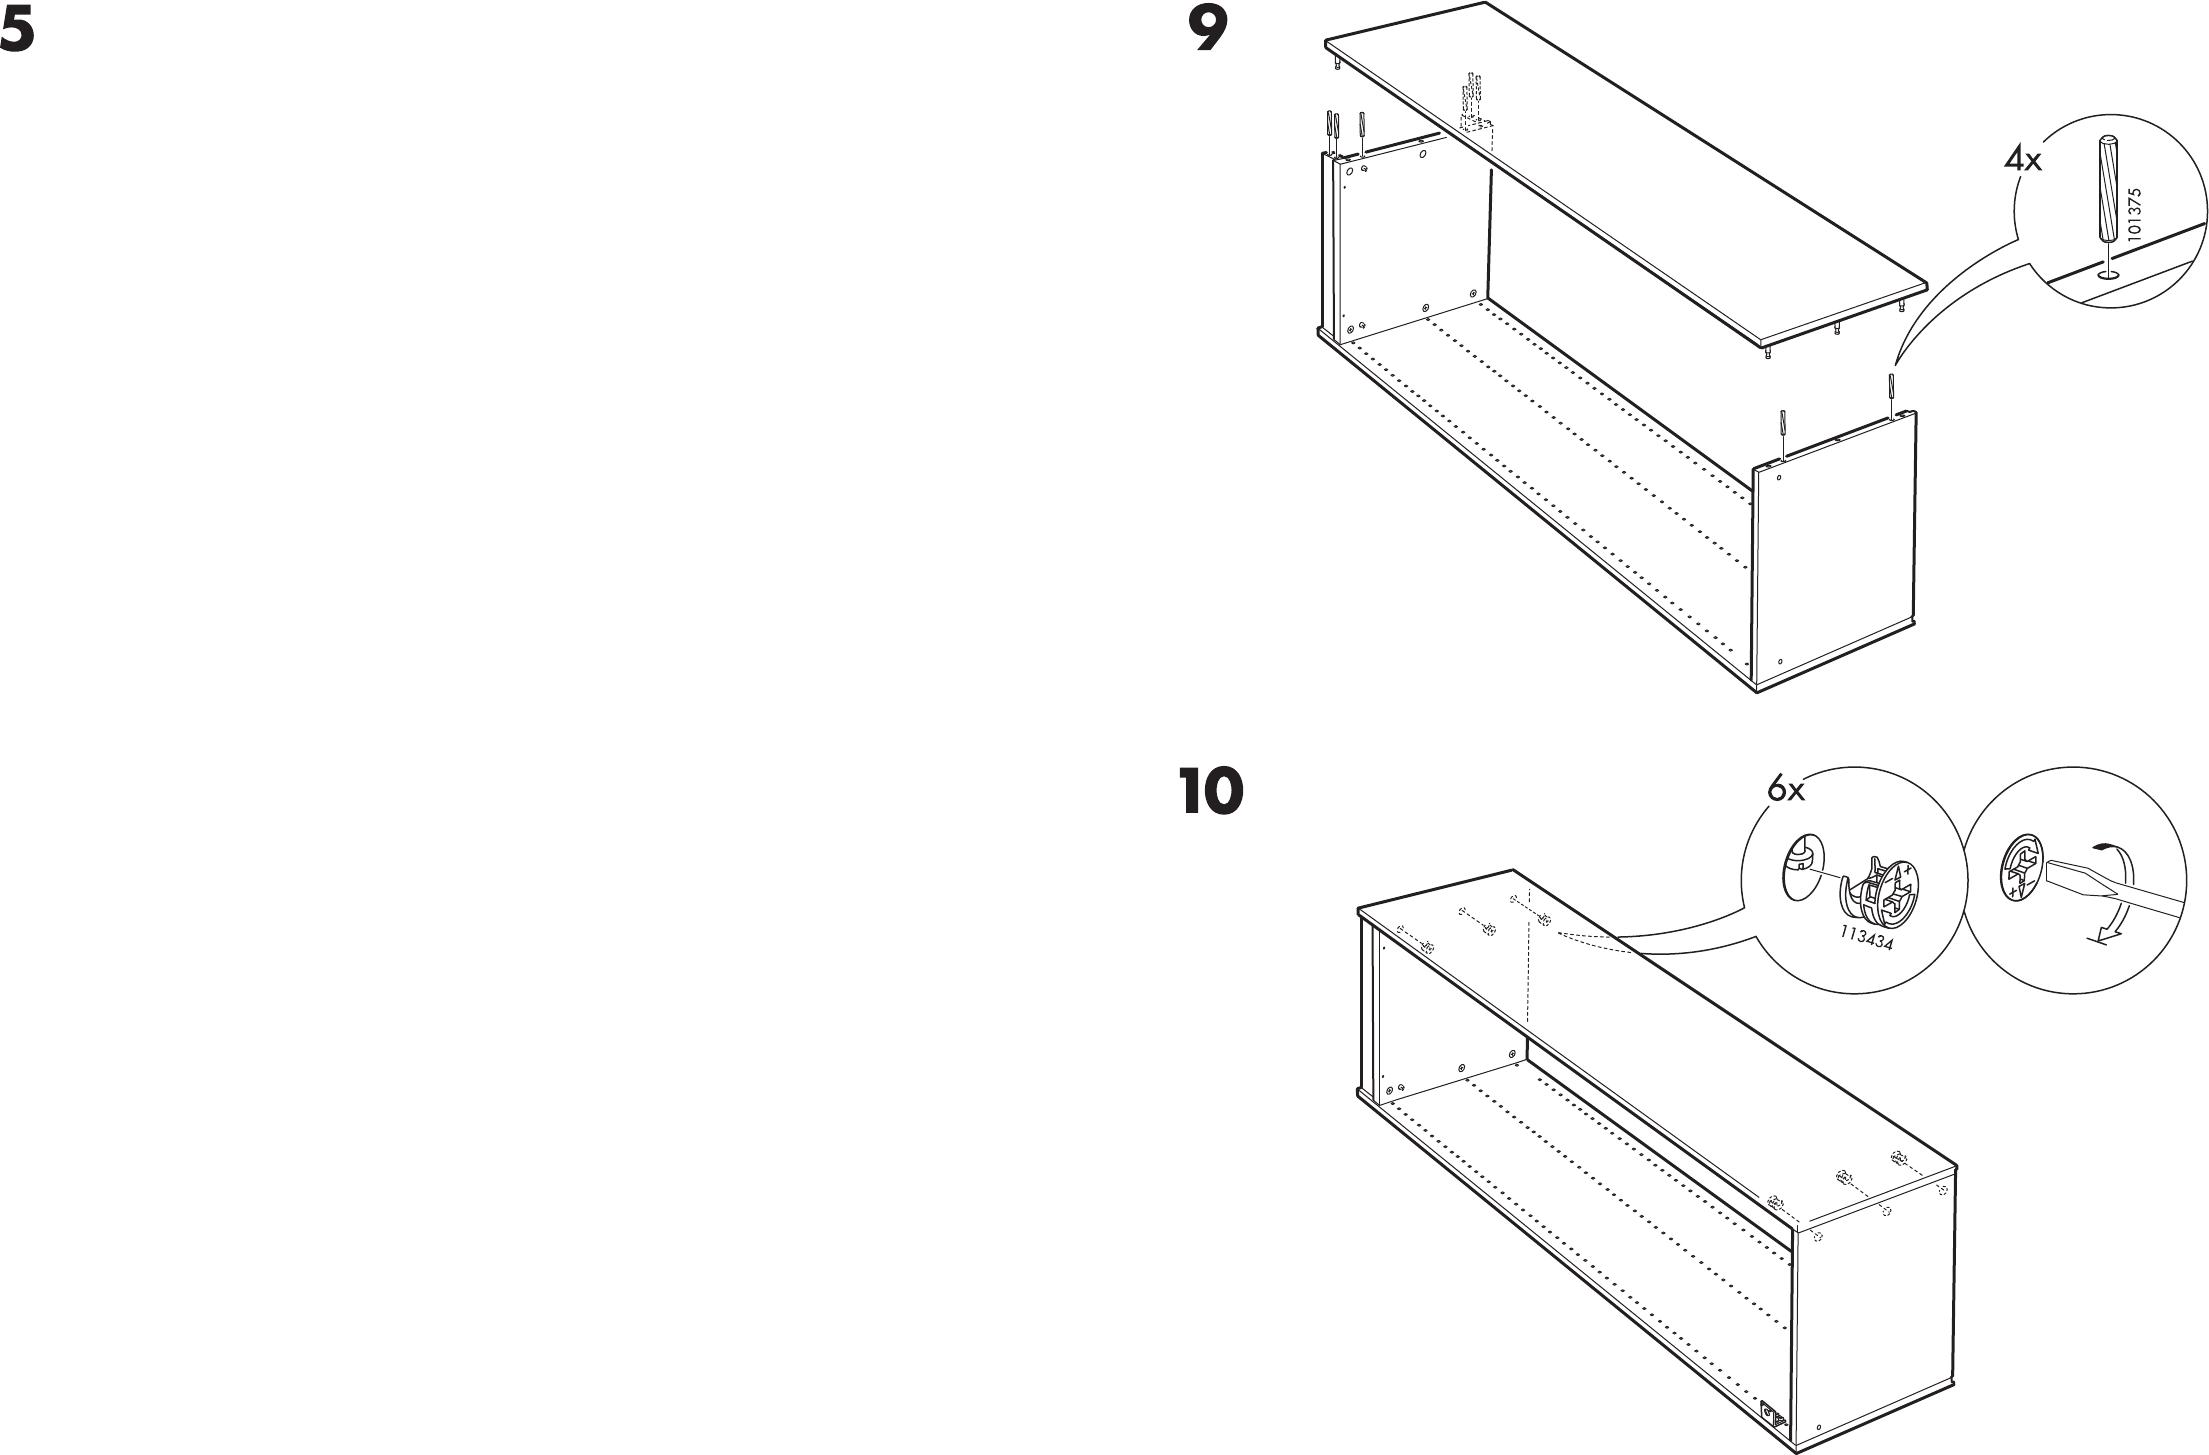 Handleiding Ikea Pax Garderobekast Pagina 1 Van 12 Dansk